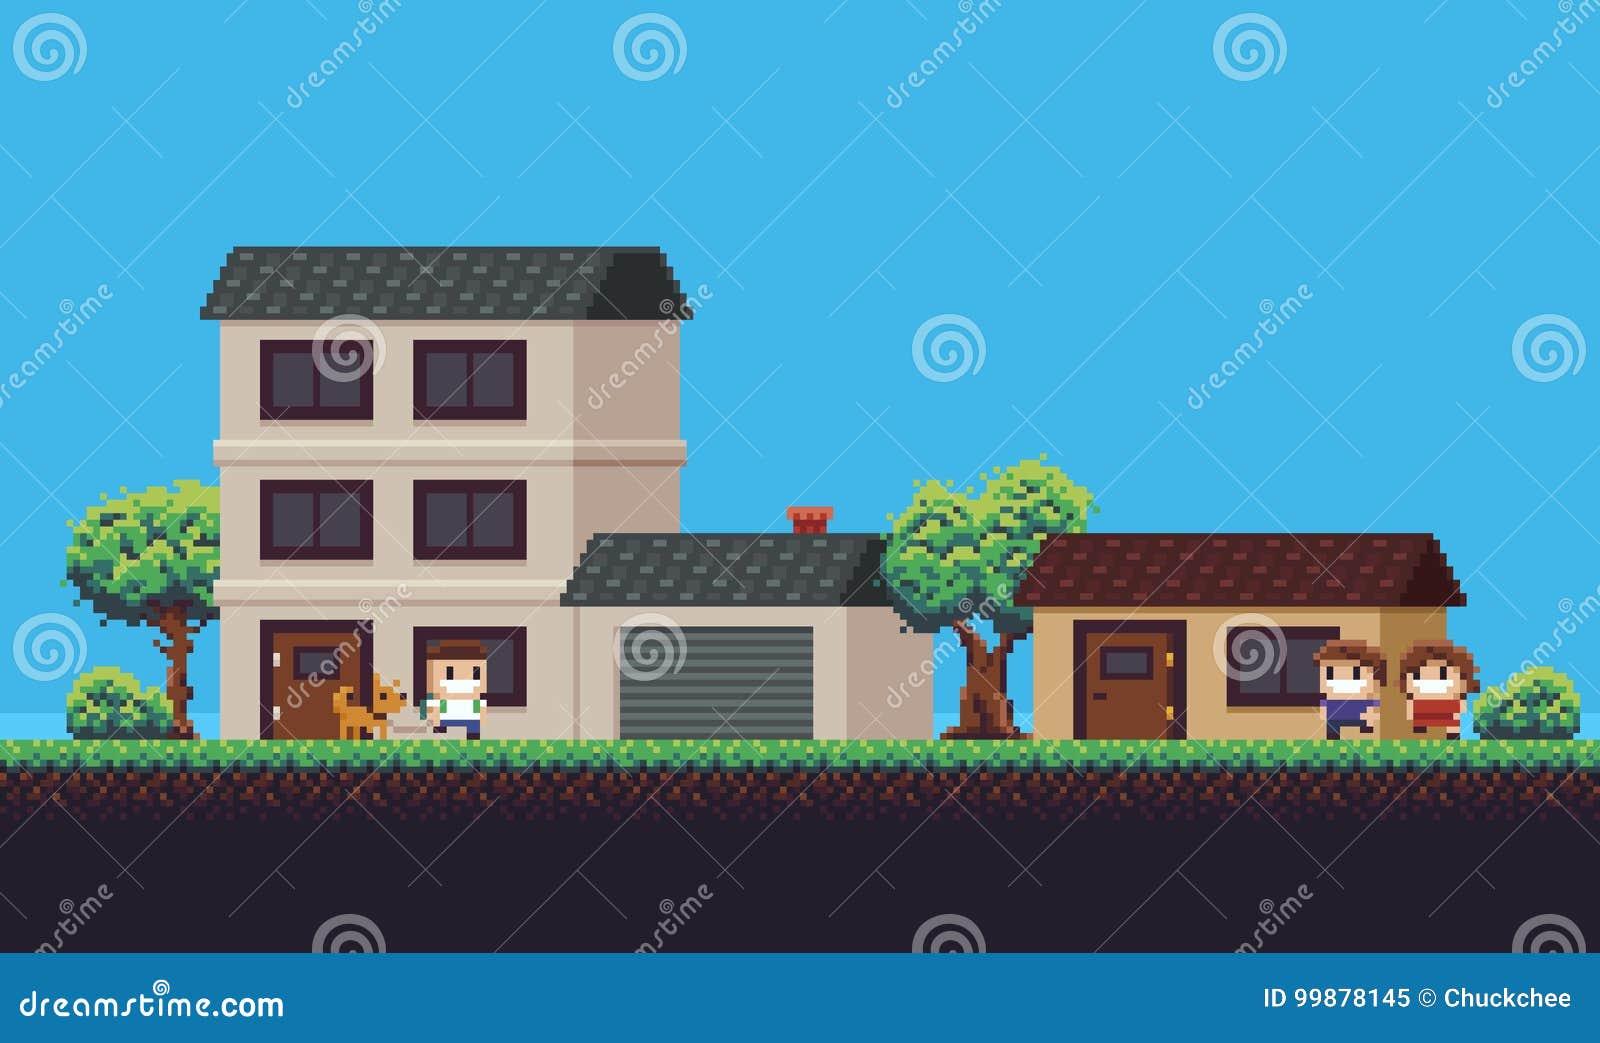 Pixel Art Neighborhood